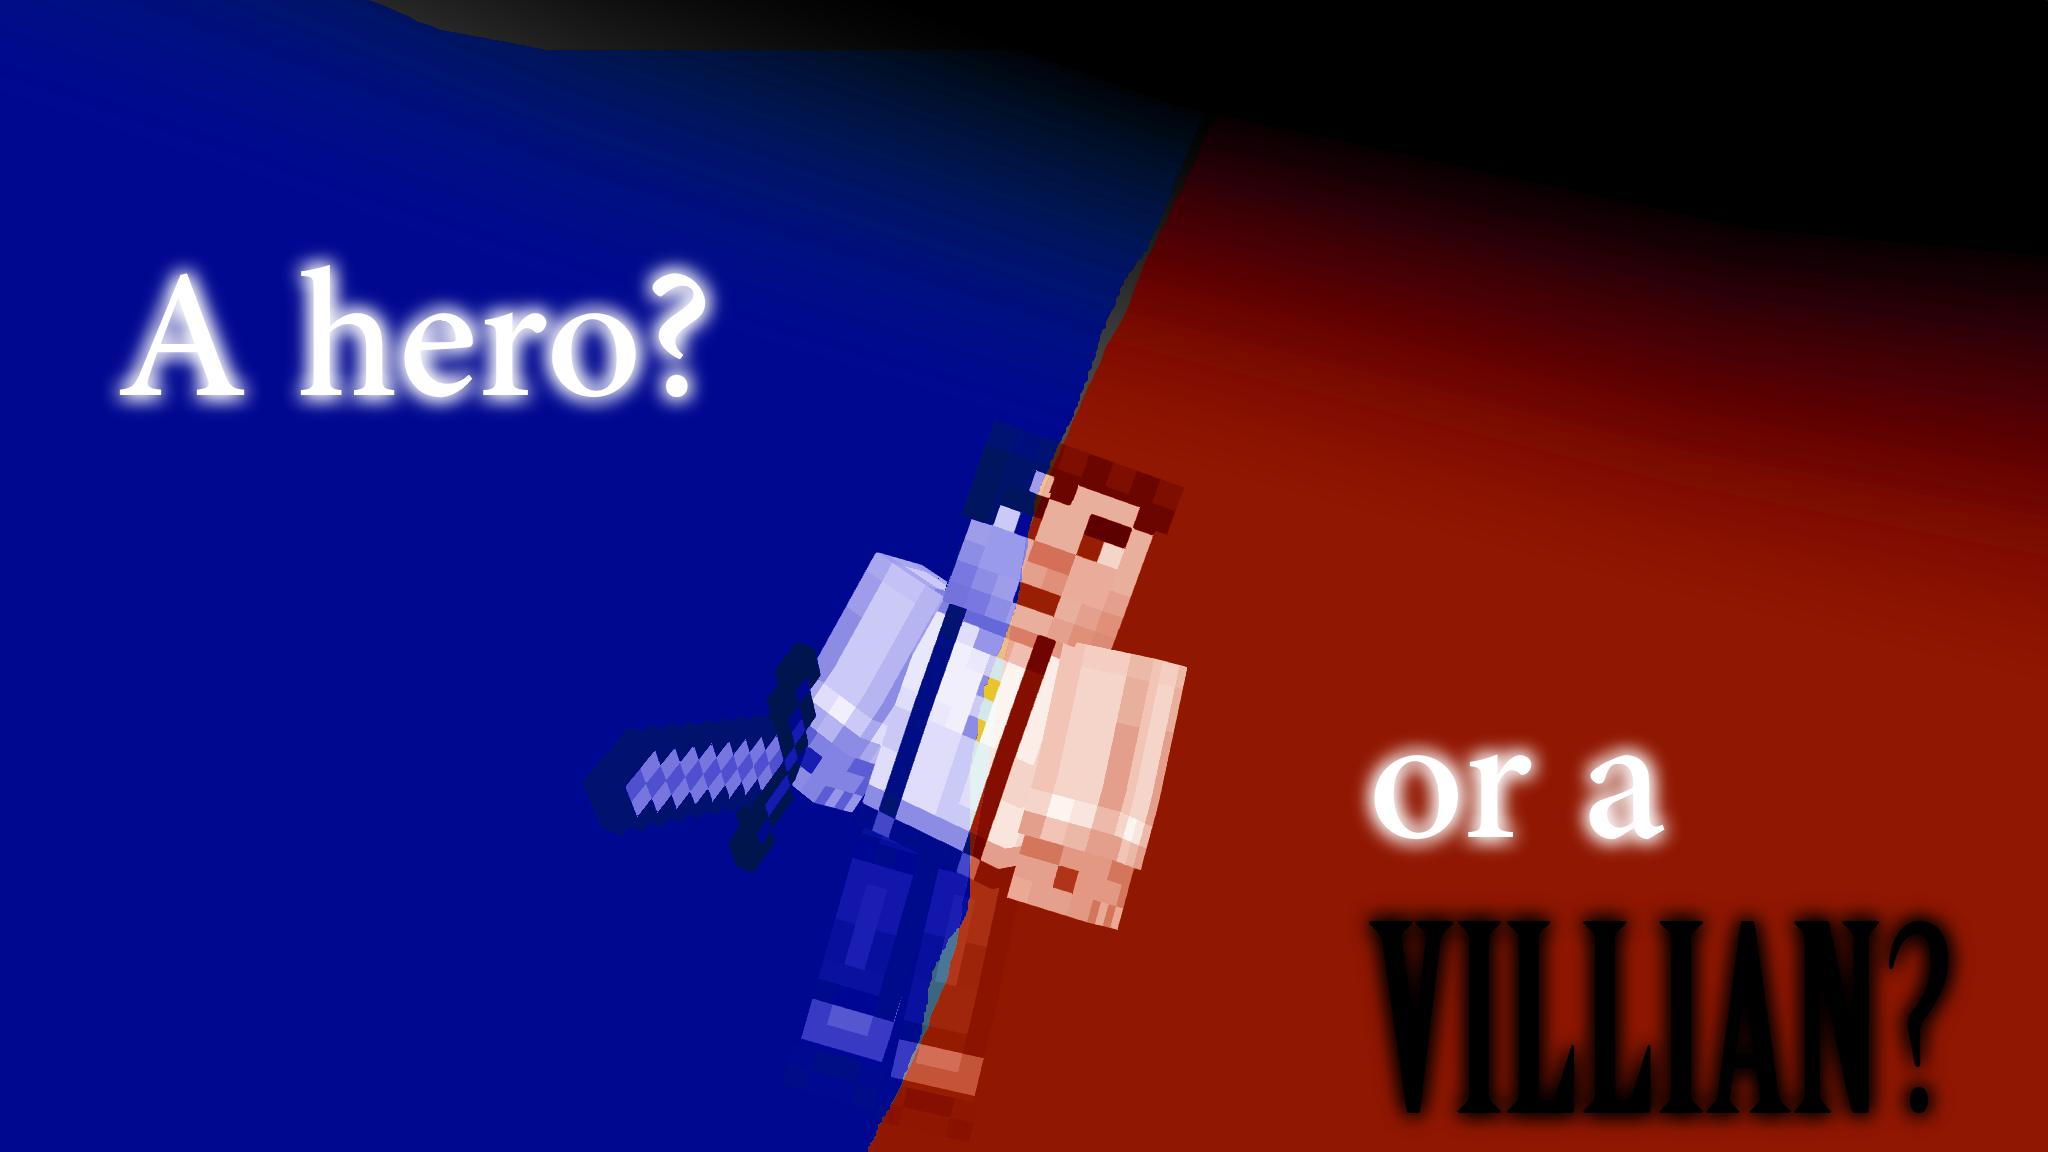 Minecraft Story Mode Wallpaper A Hero or a VILLIAN 2048x1152